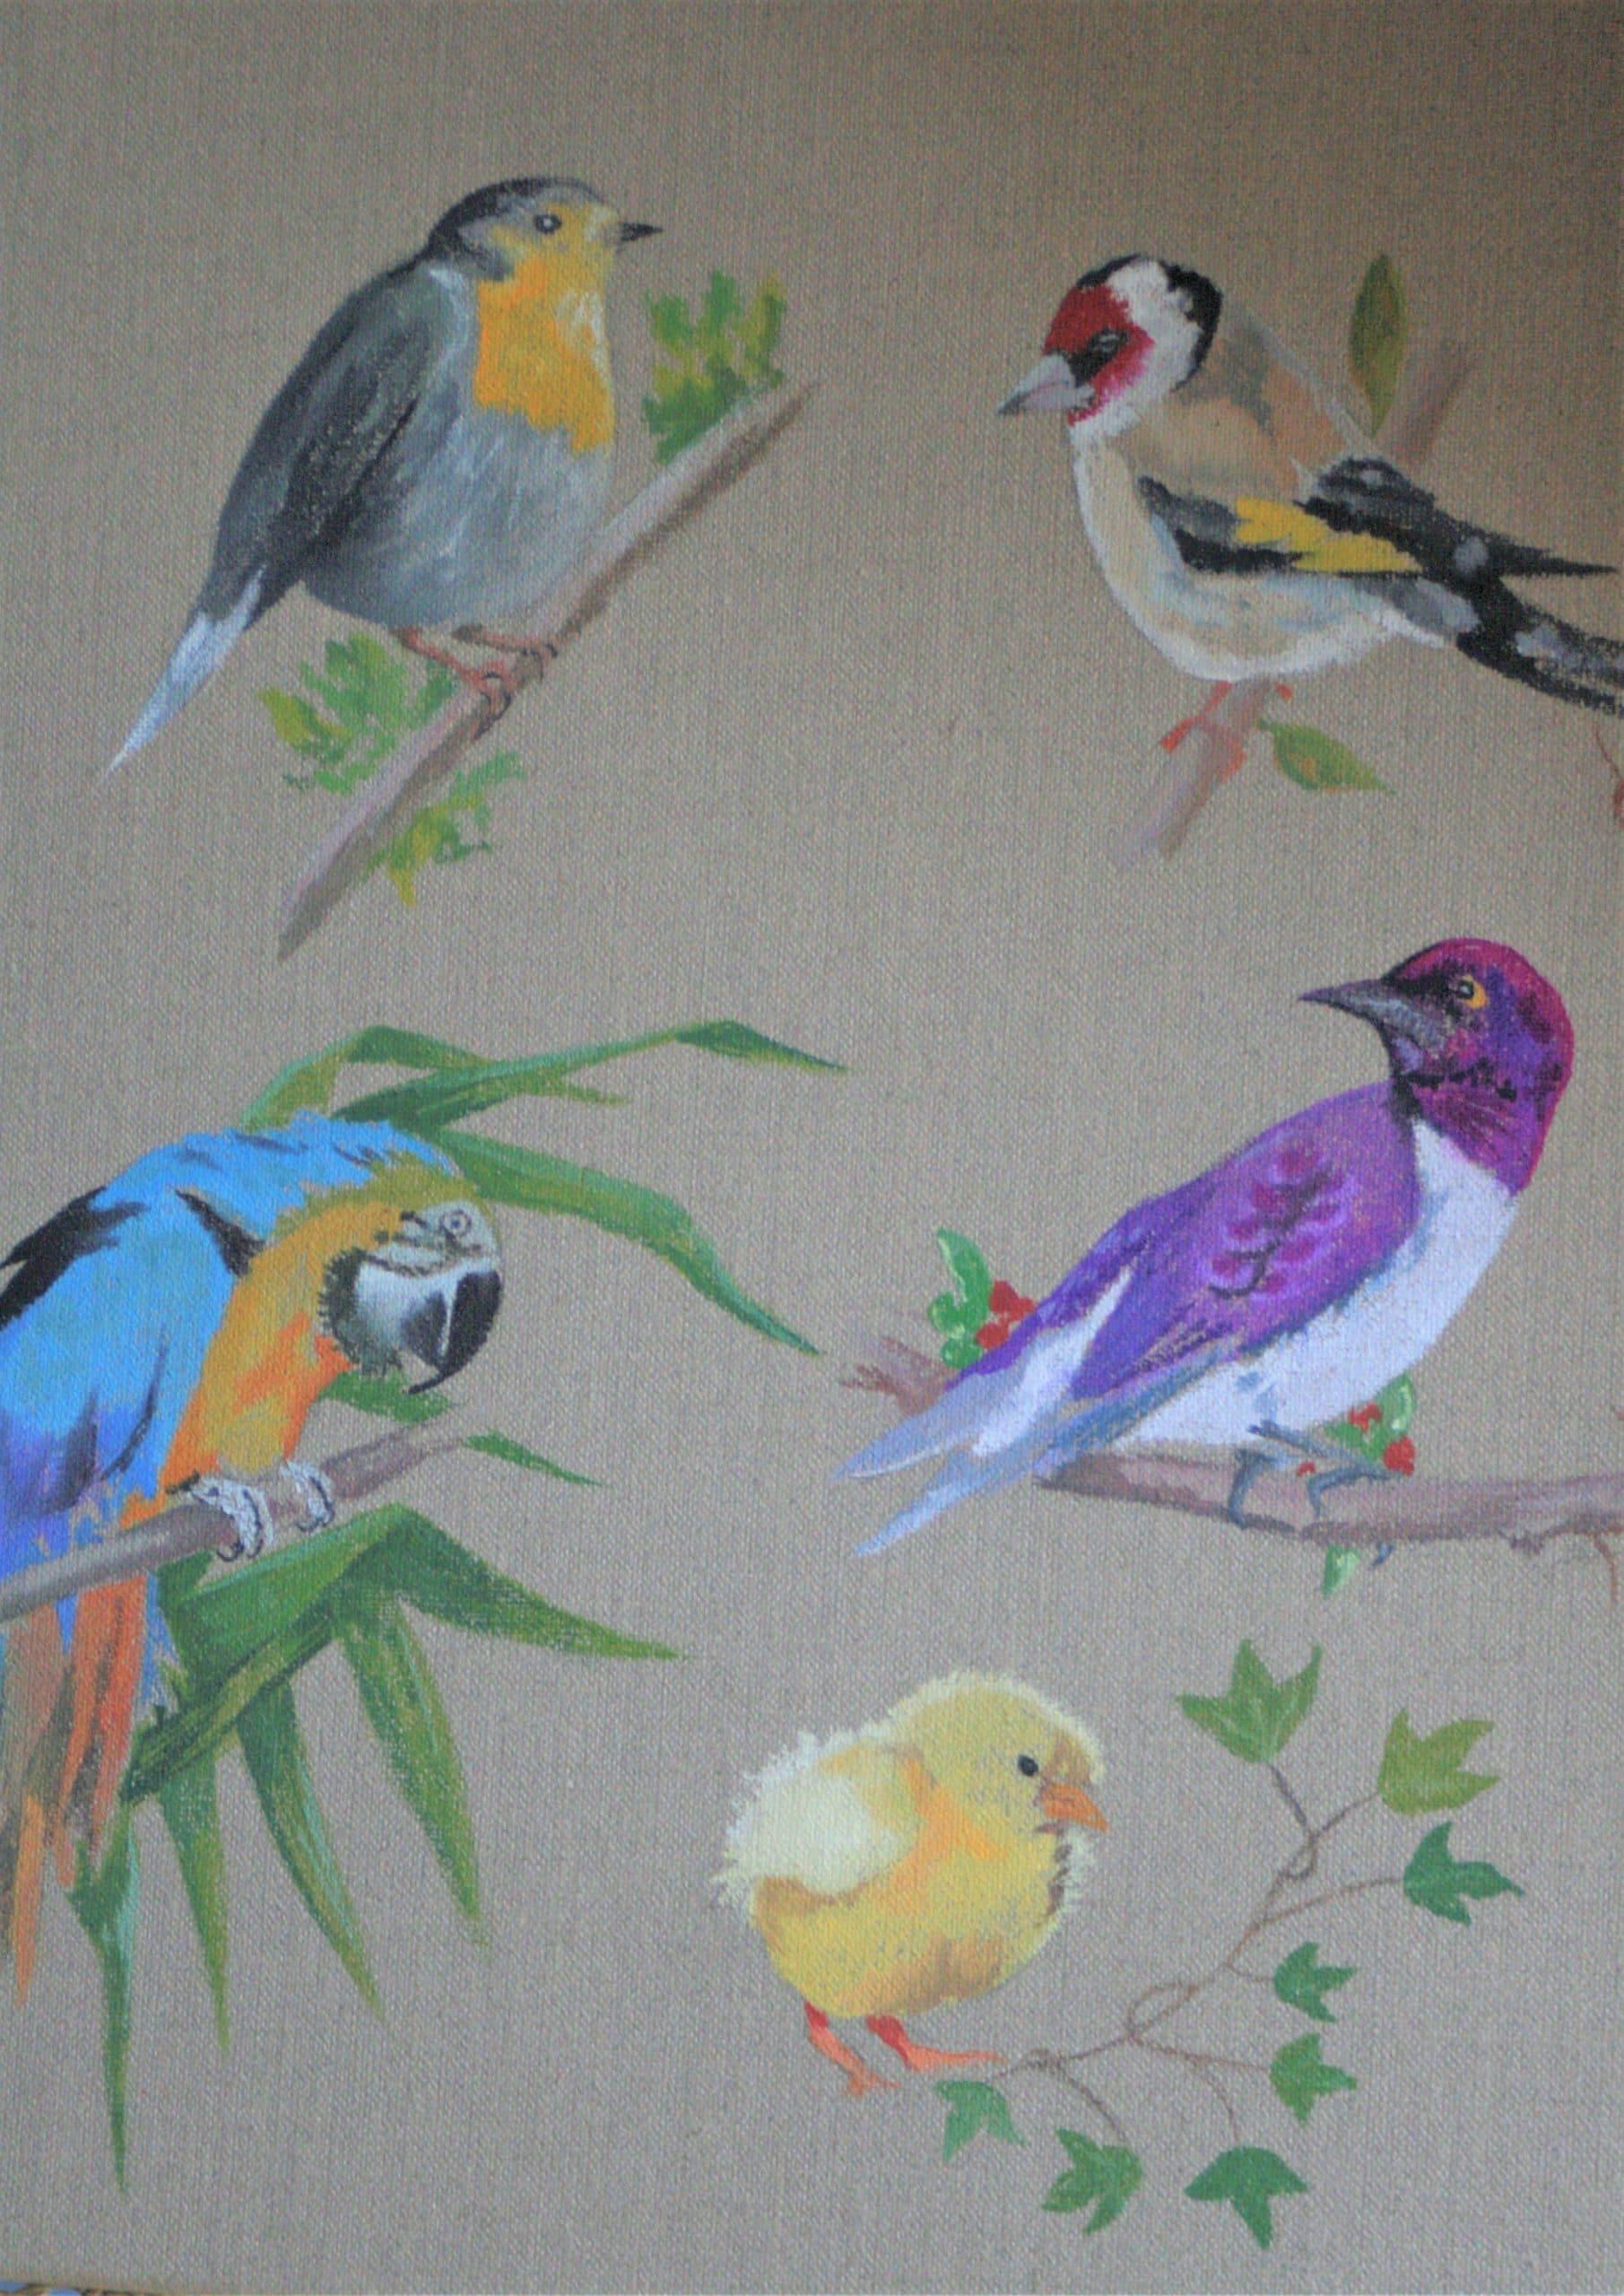 Oiseaux en acrylique sur toile